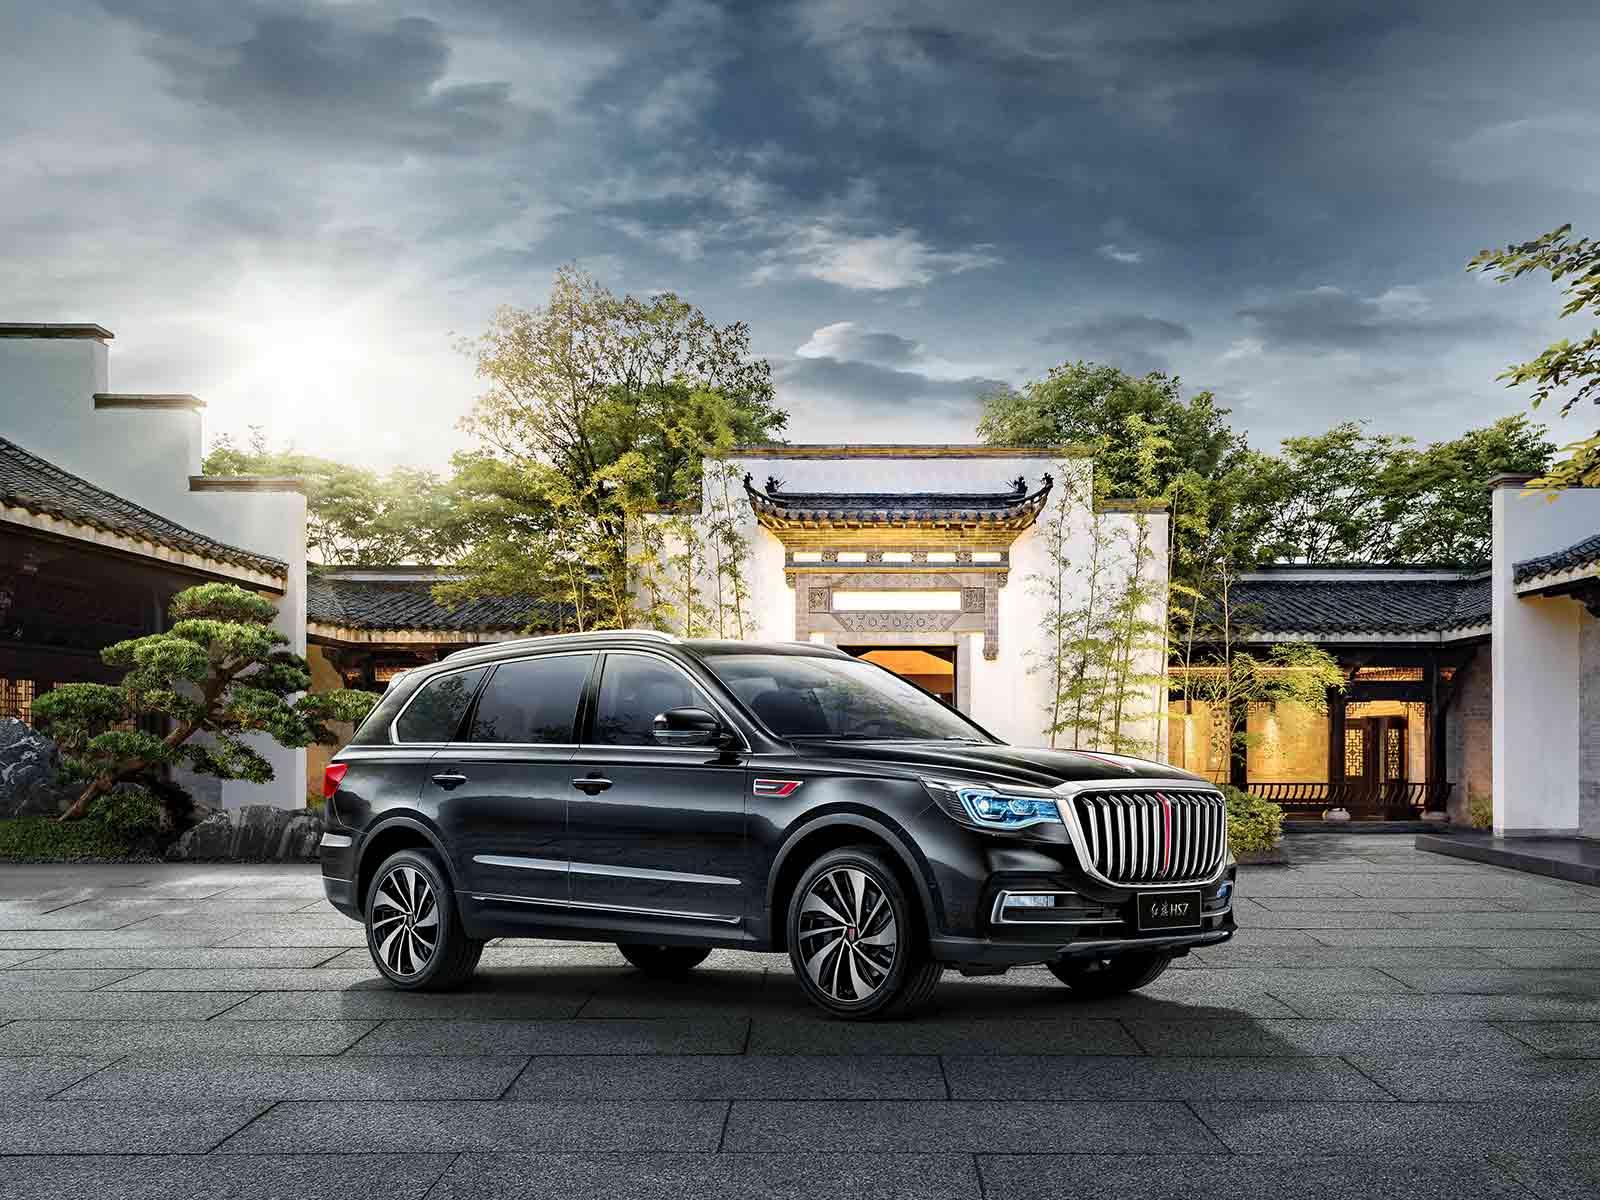 搭载3.0T+8AT动力,红旗HS7上市,国产也有拿得出手的高级SUV!